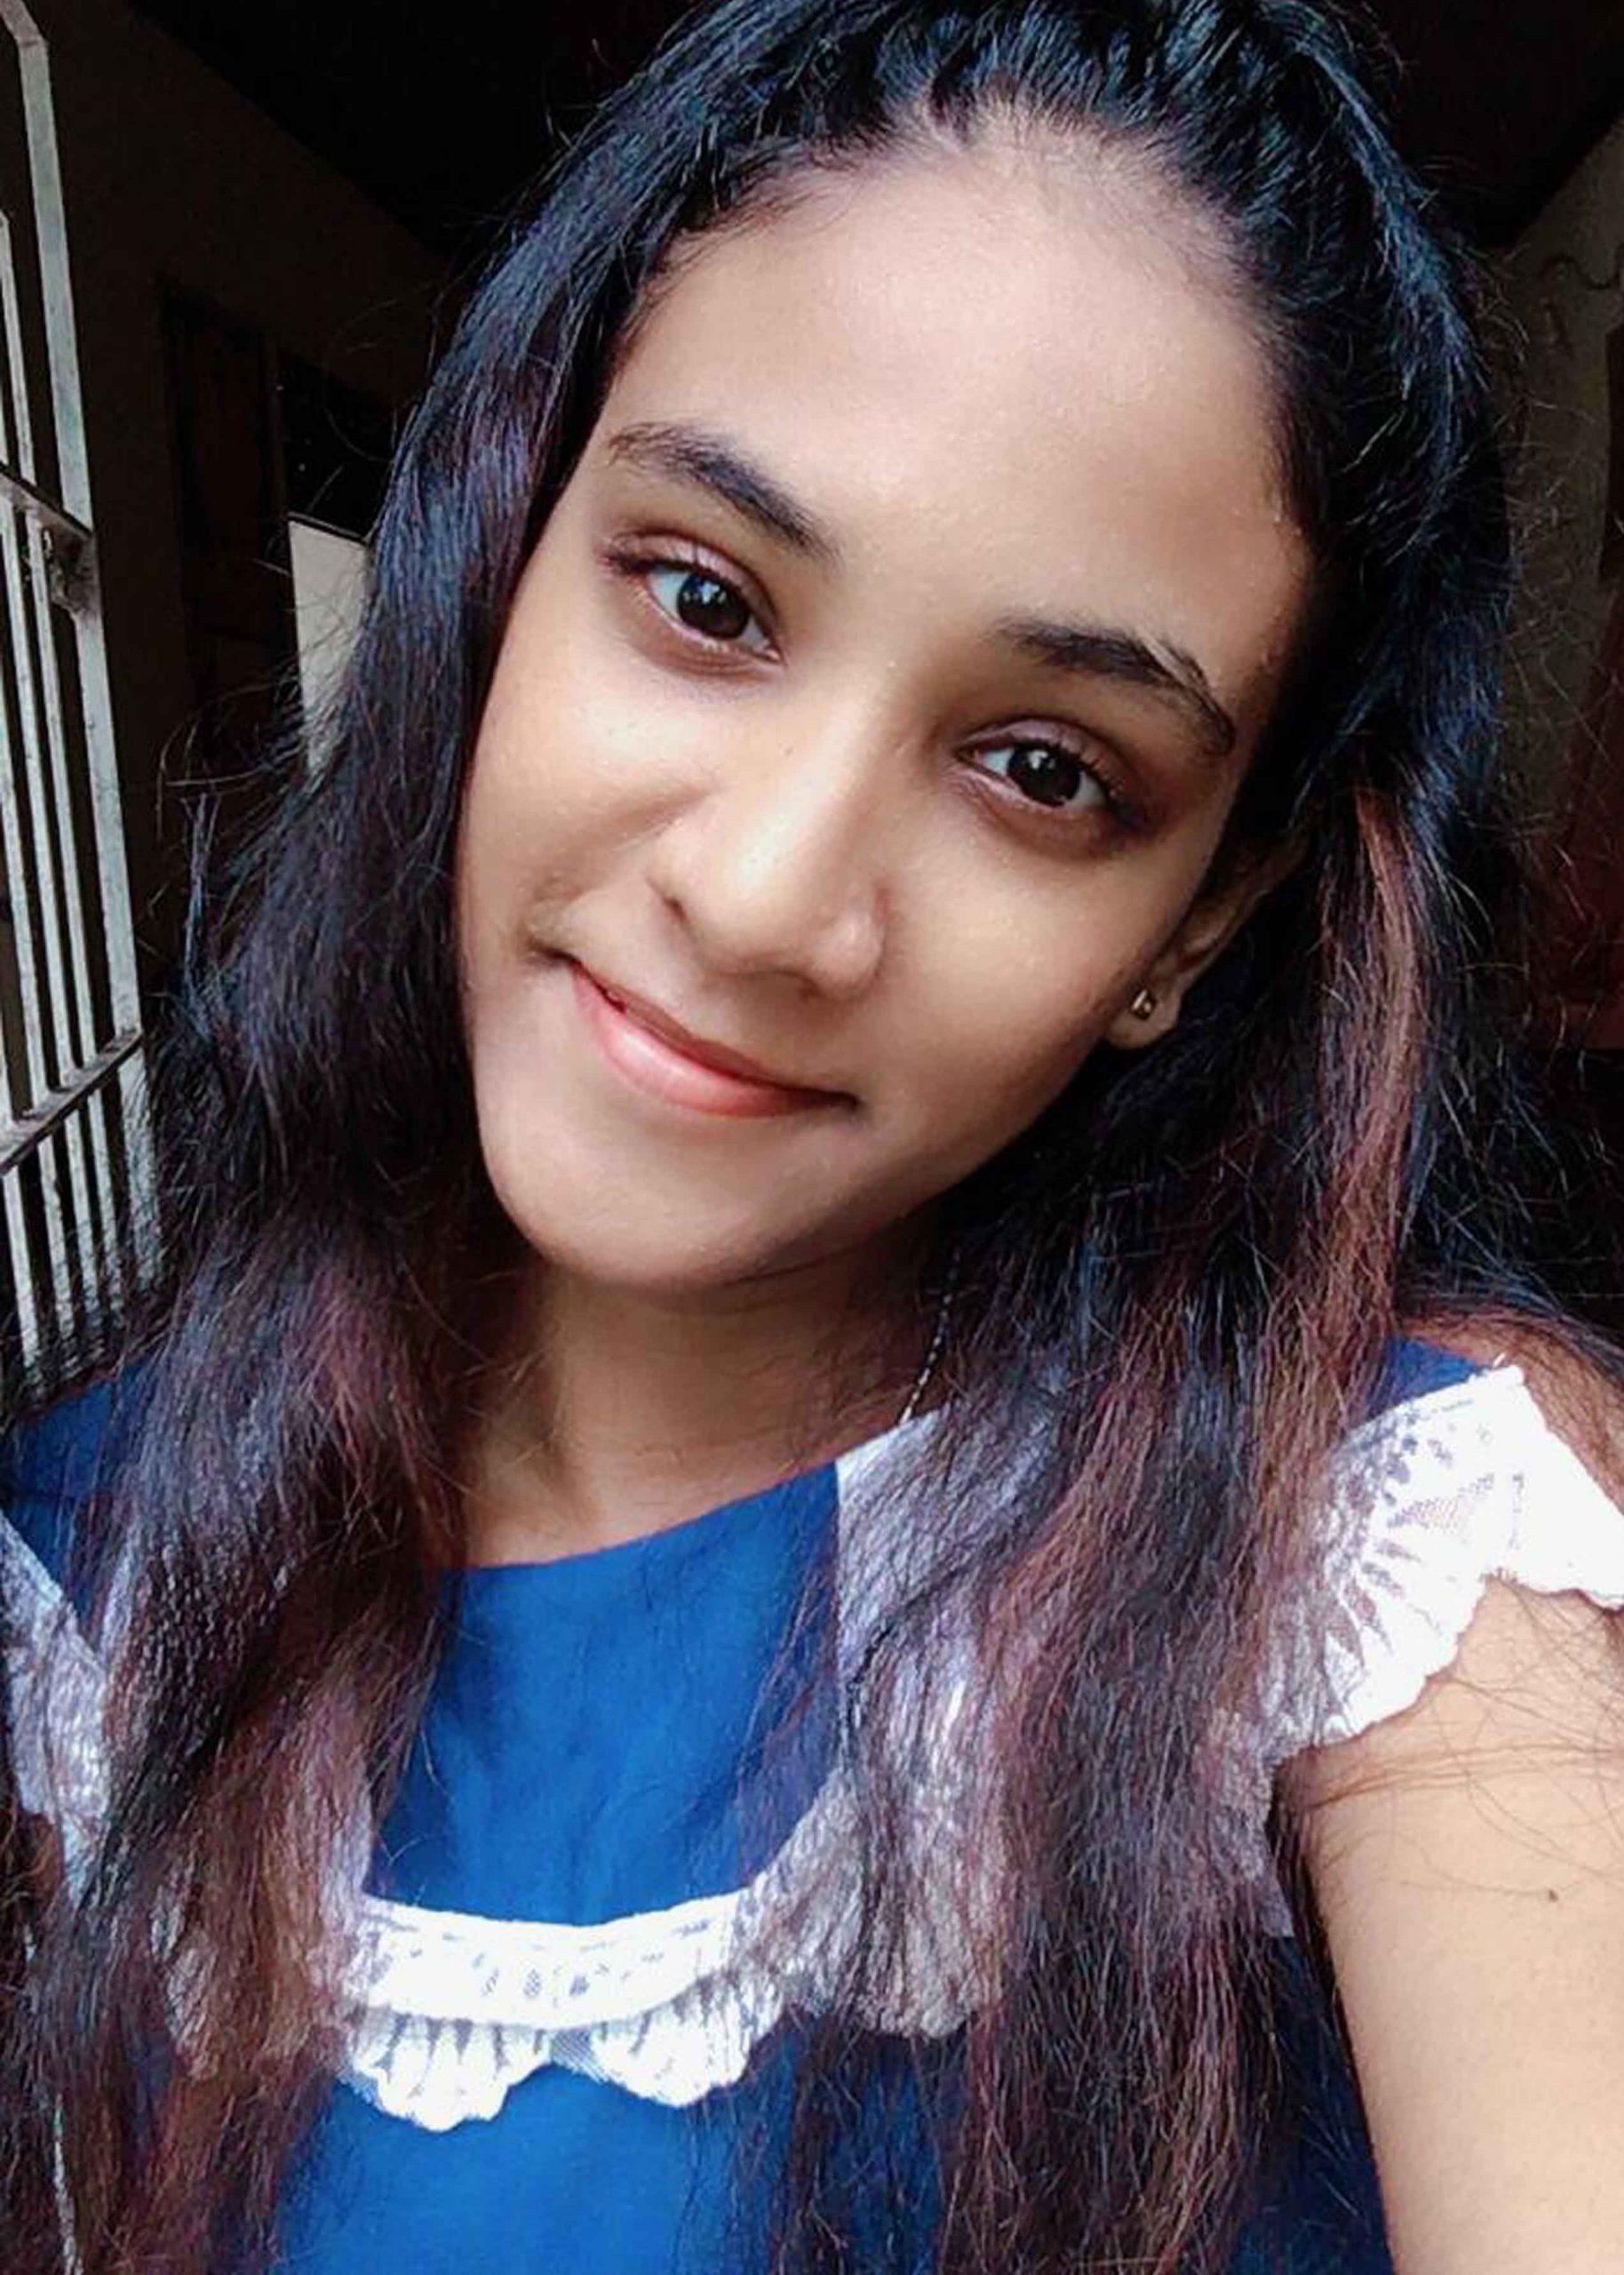 Chayu Mileni Wijegunarathna